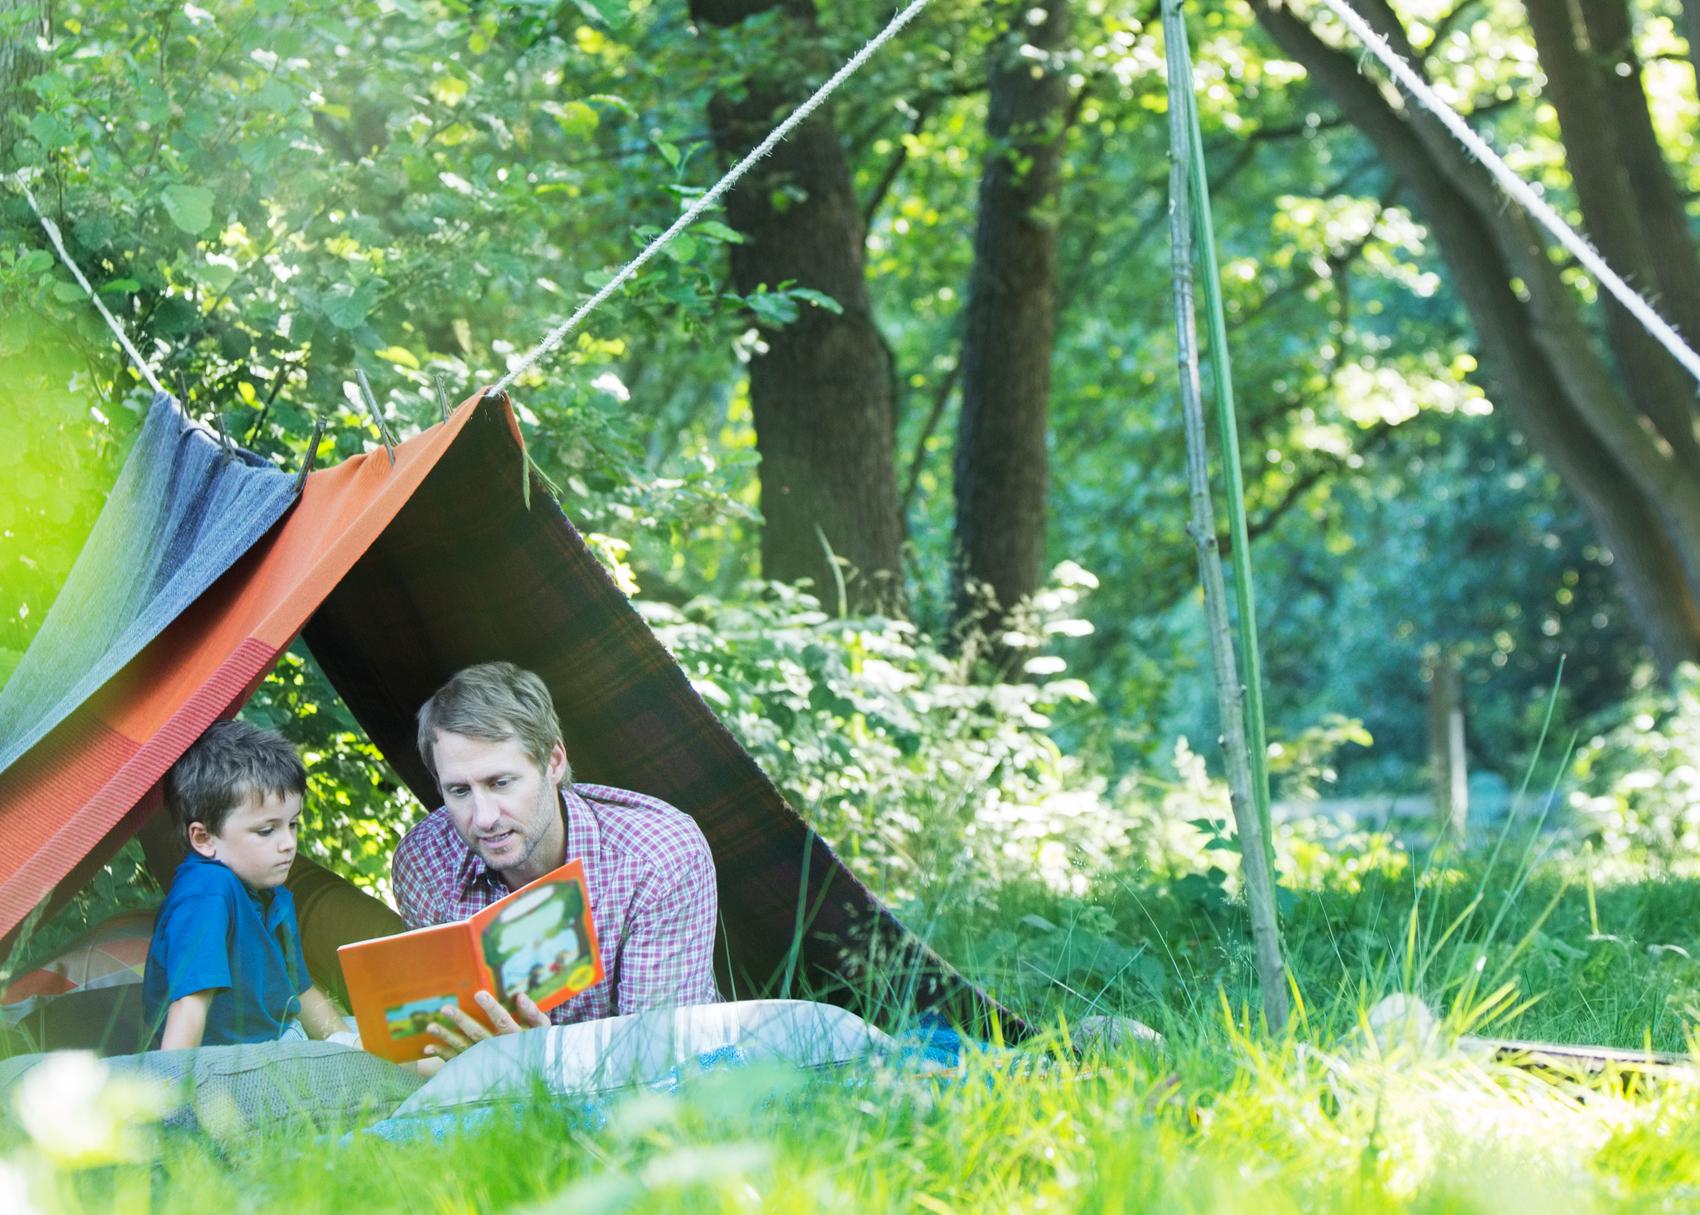 Summer Reading, Having a Blast